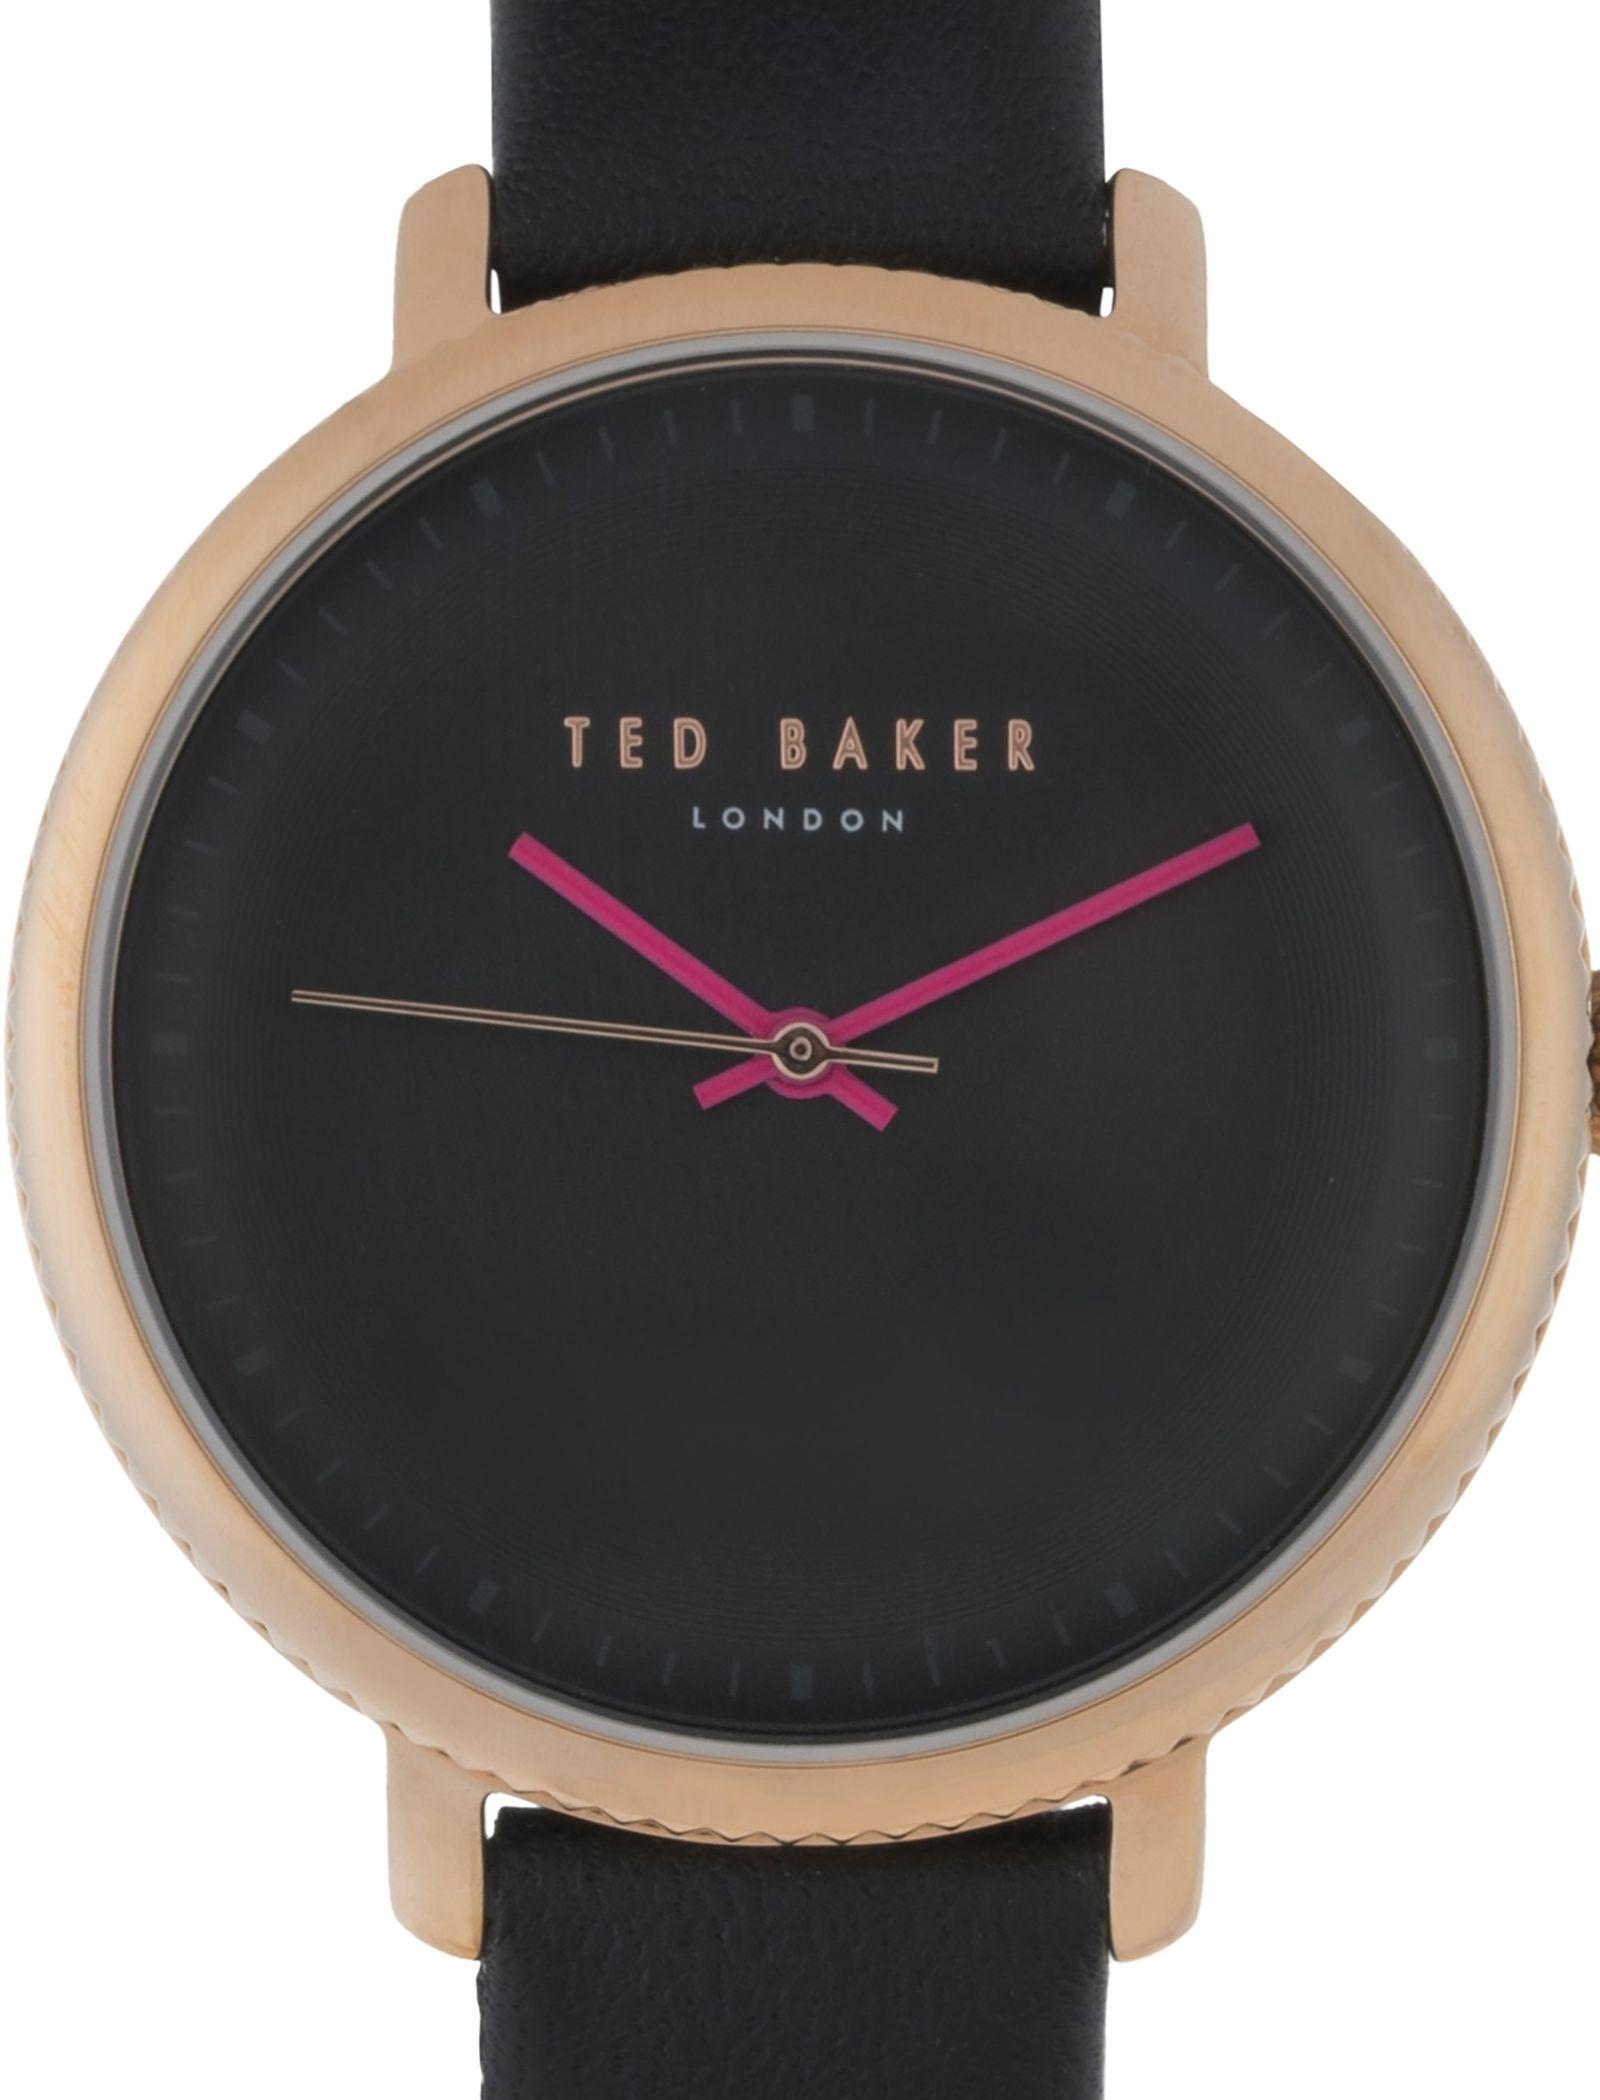 ساعت مچی عقربه ای زنانه - تد بیکر - مشکي      - 2